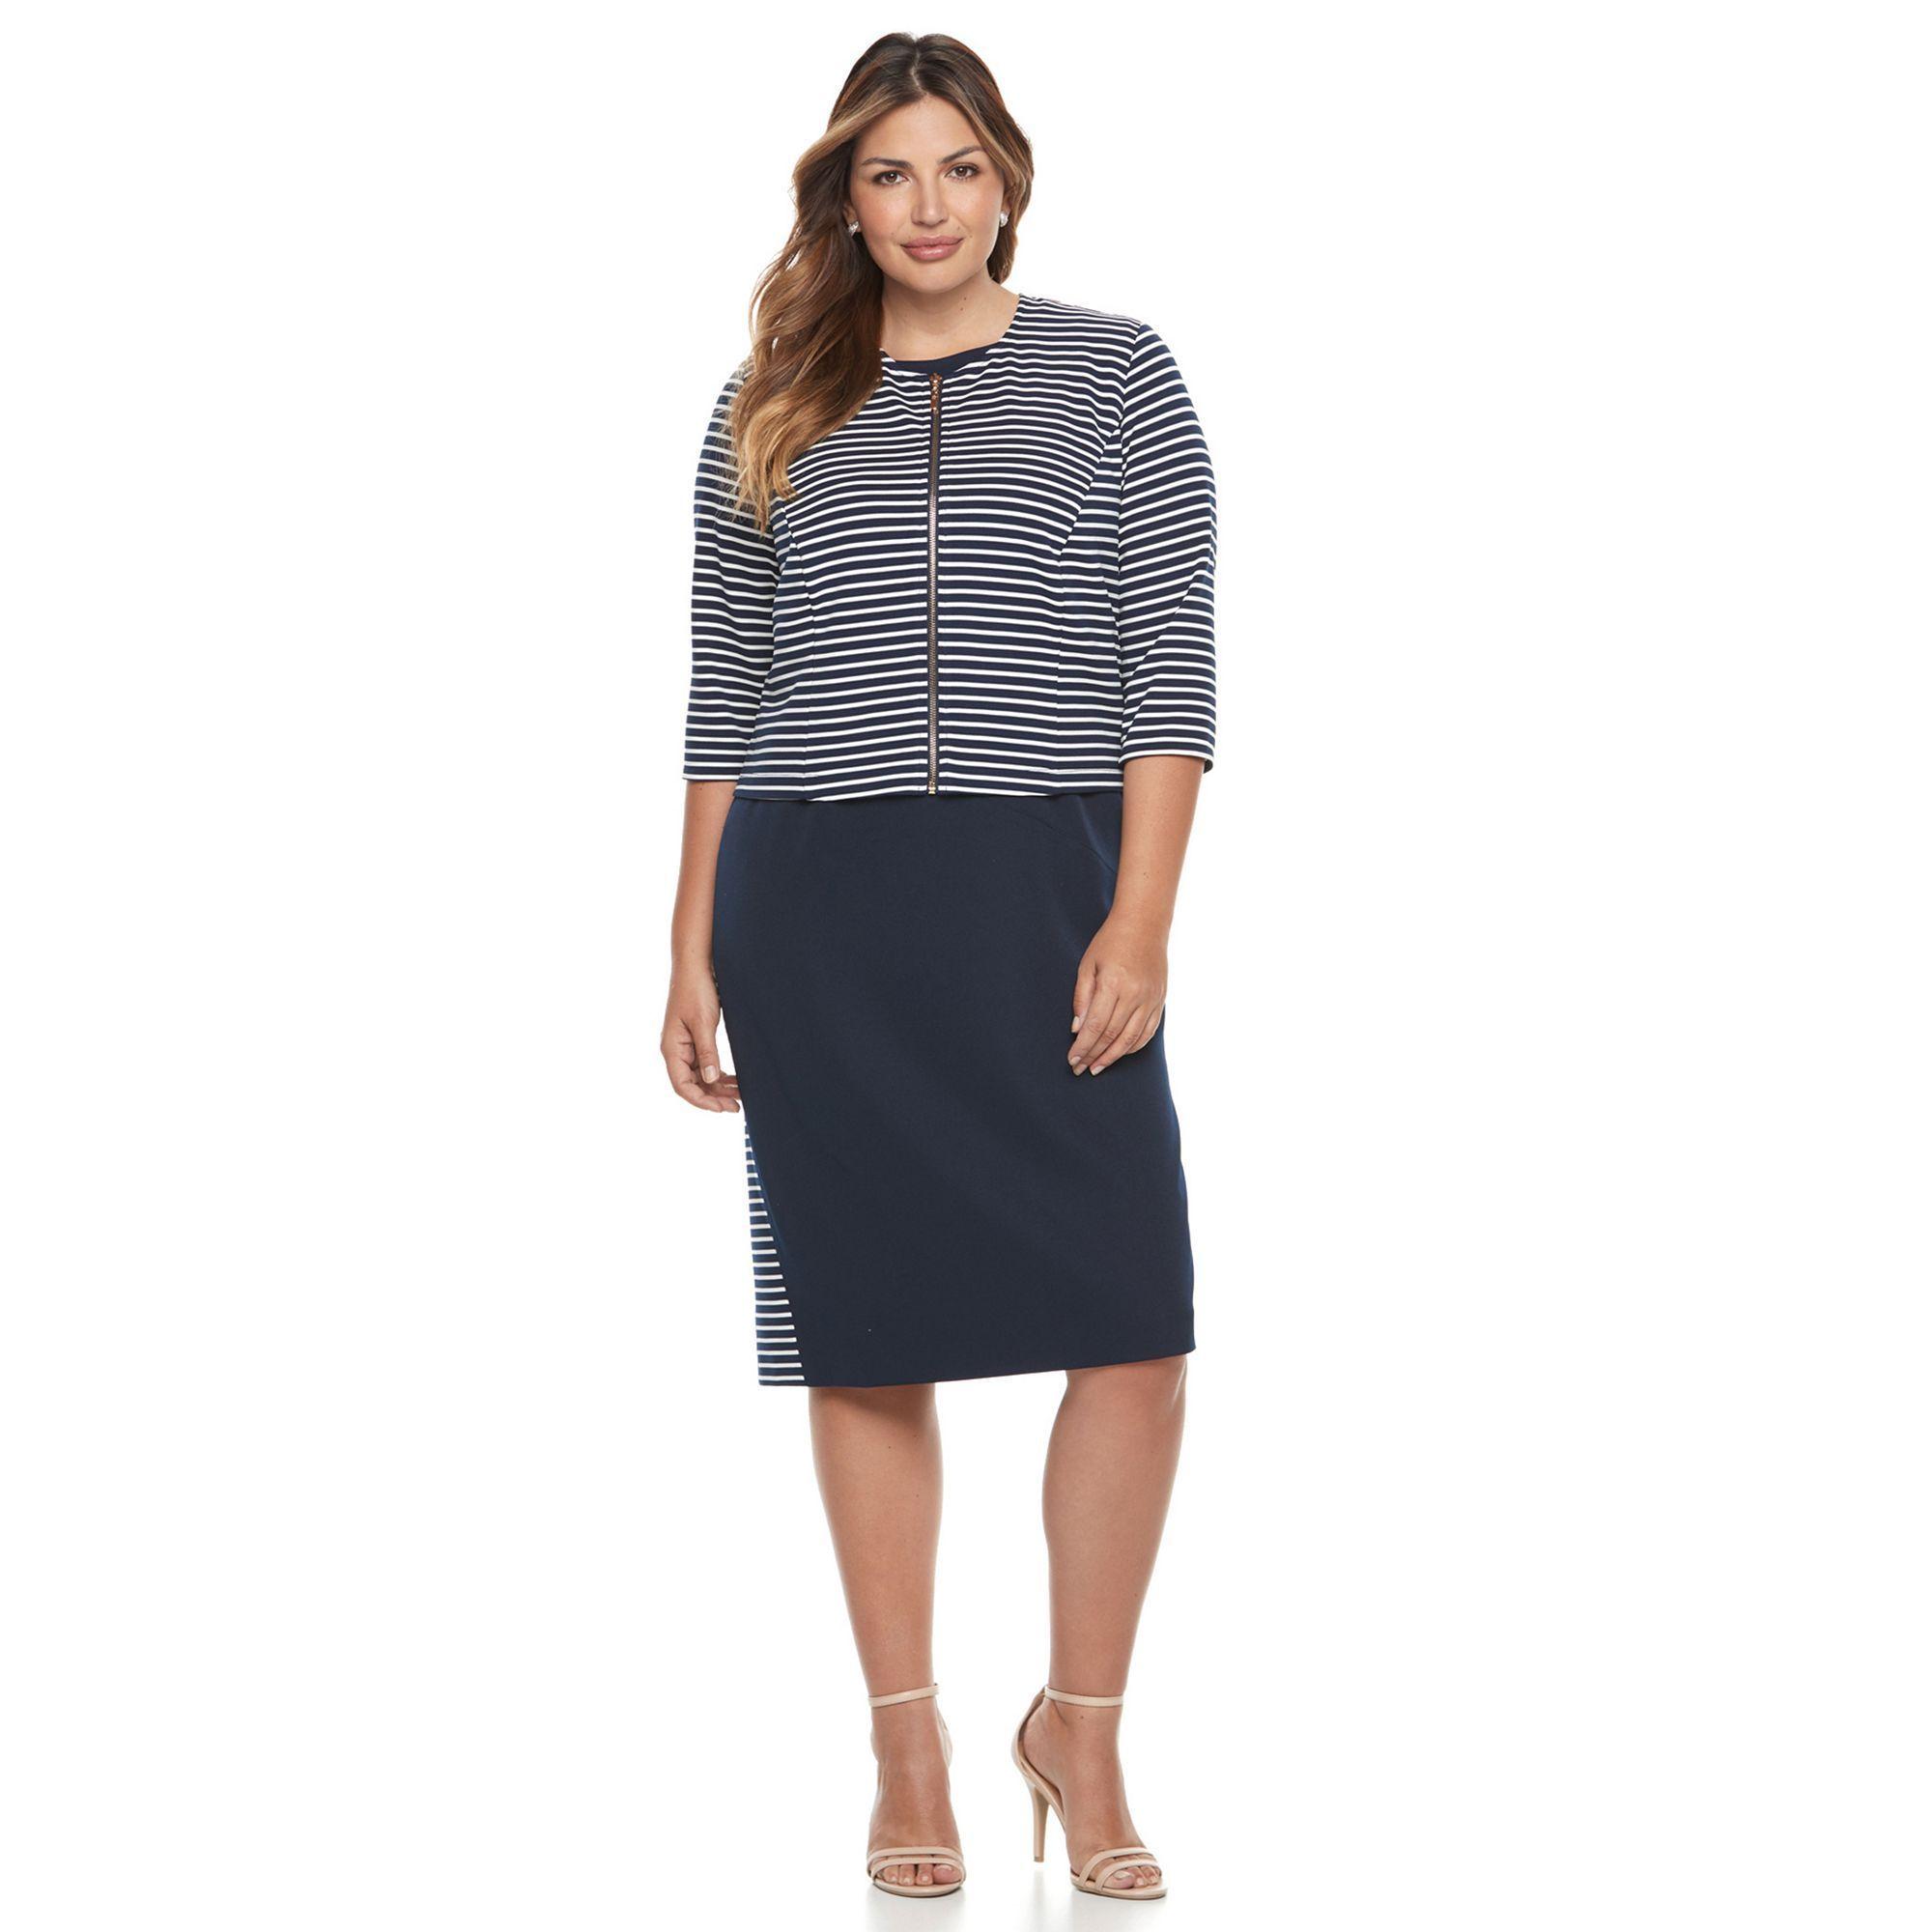 Maya brooke plus size maya brooke colorblock sheath dress u striped